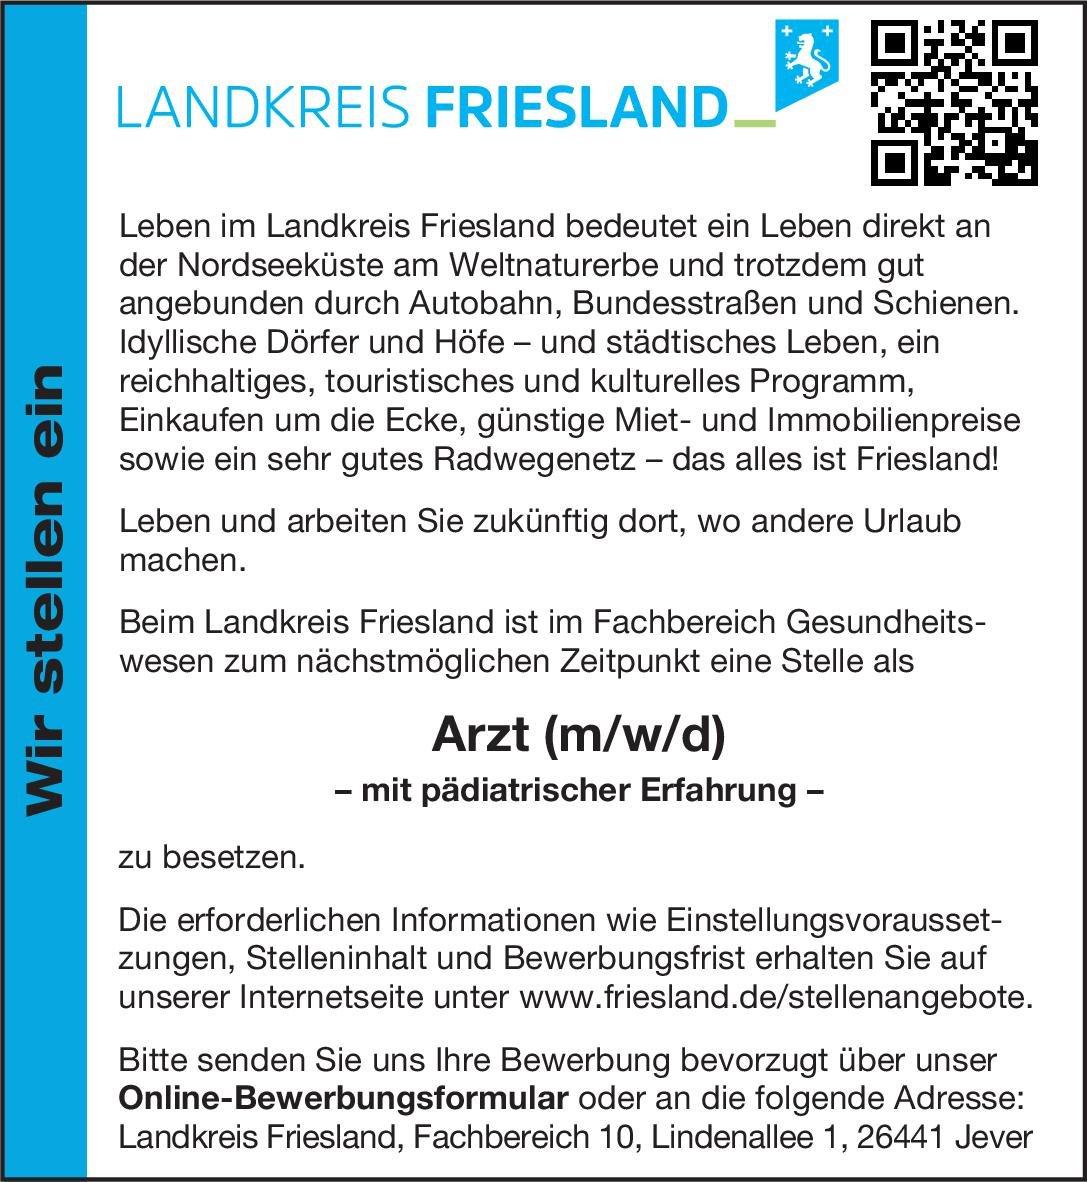 Landkreis Friesland Arzt (m/w/d) – mit pädiatrischer Erfahrung – Öffentliches Gesundheitswesen Arzt / Facharzt